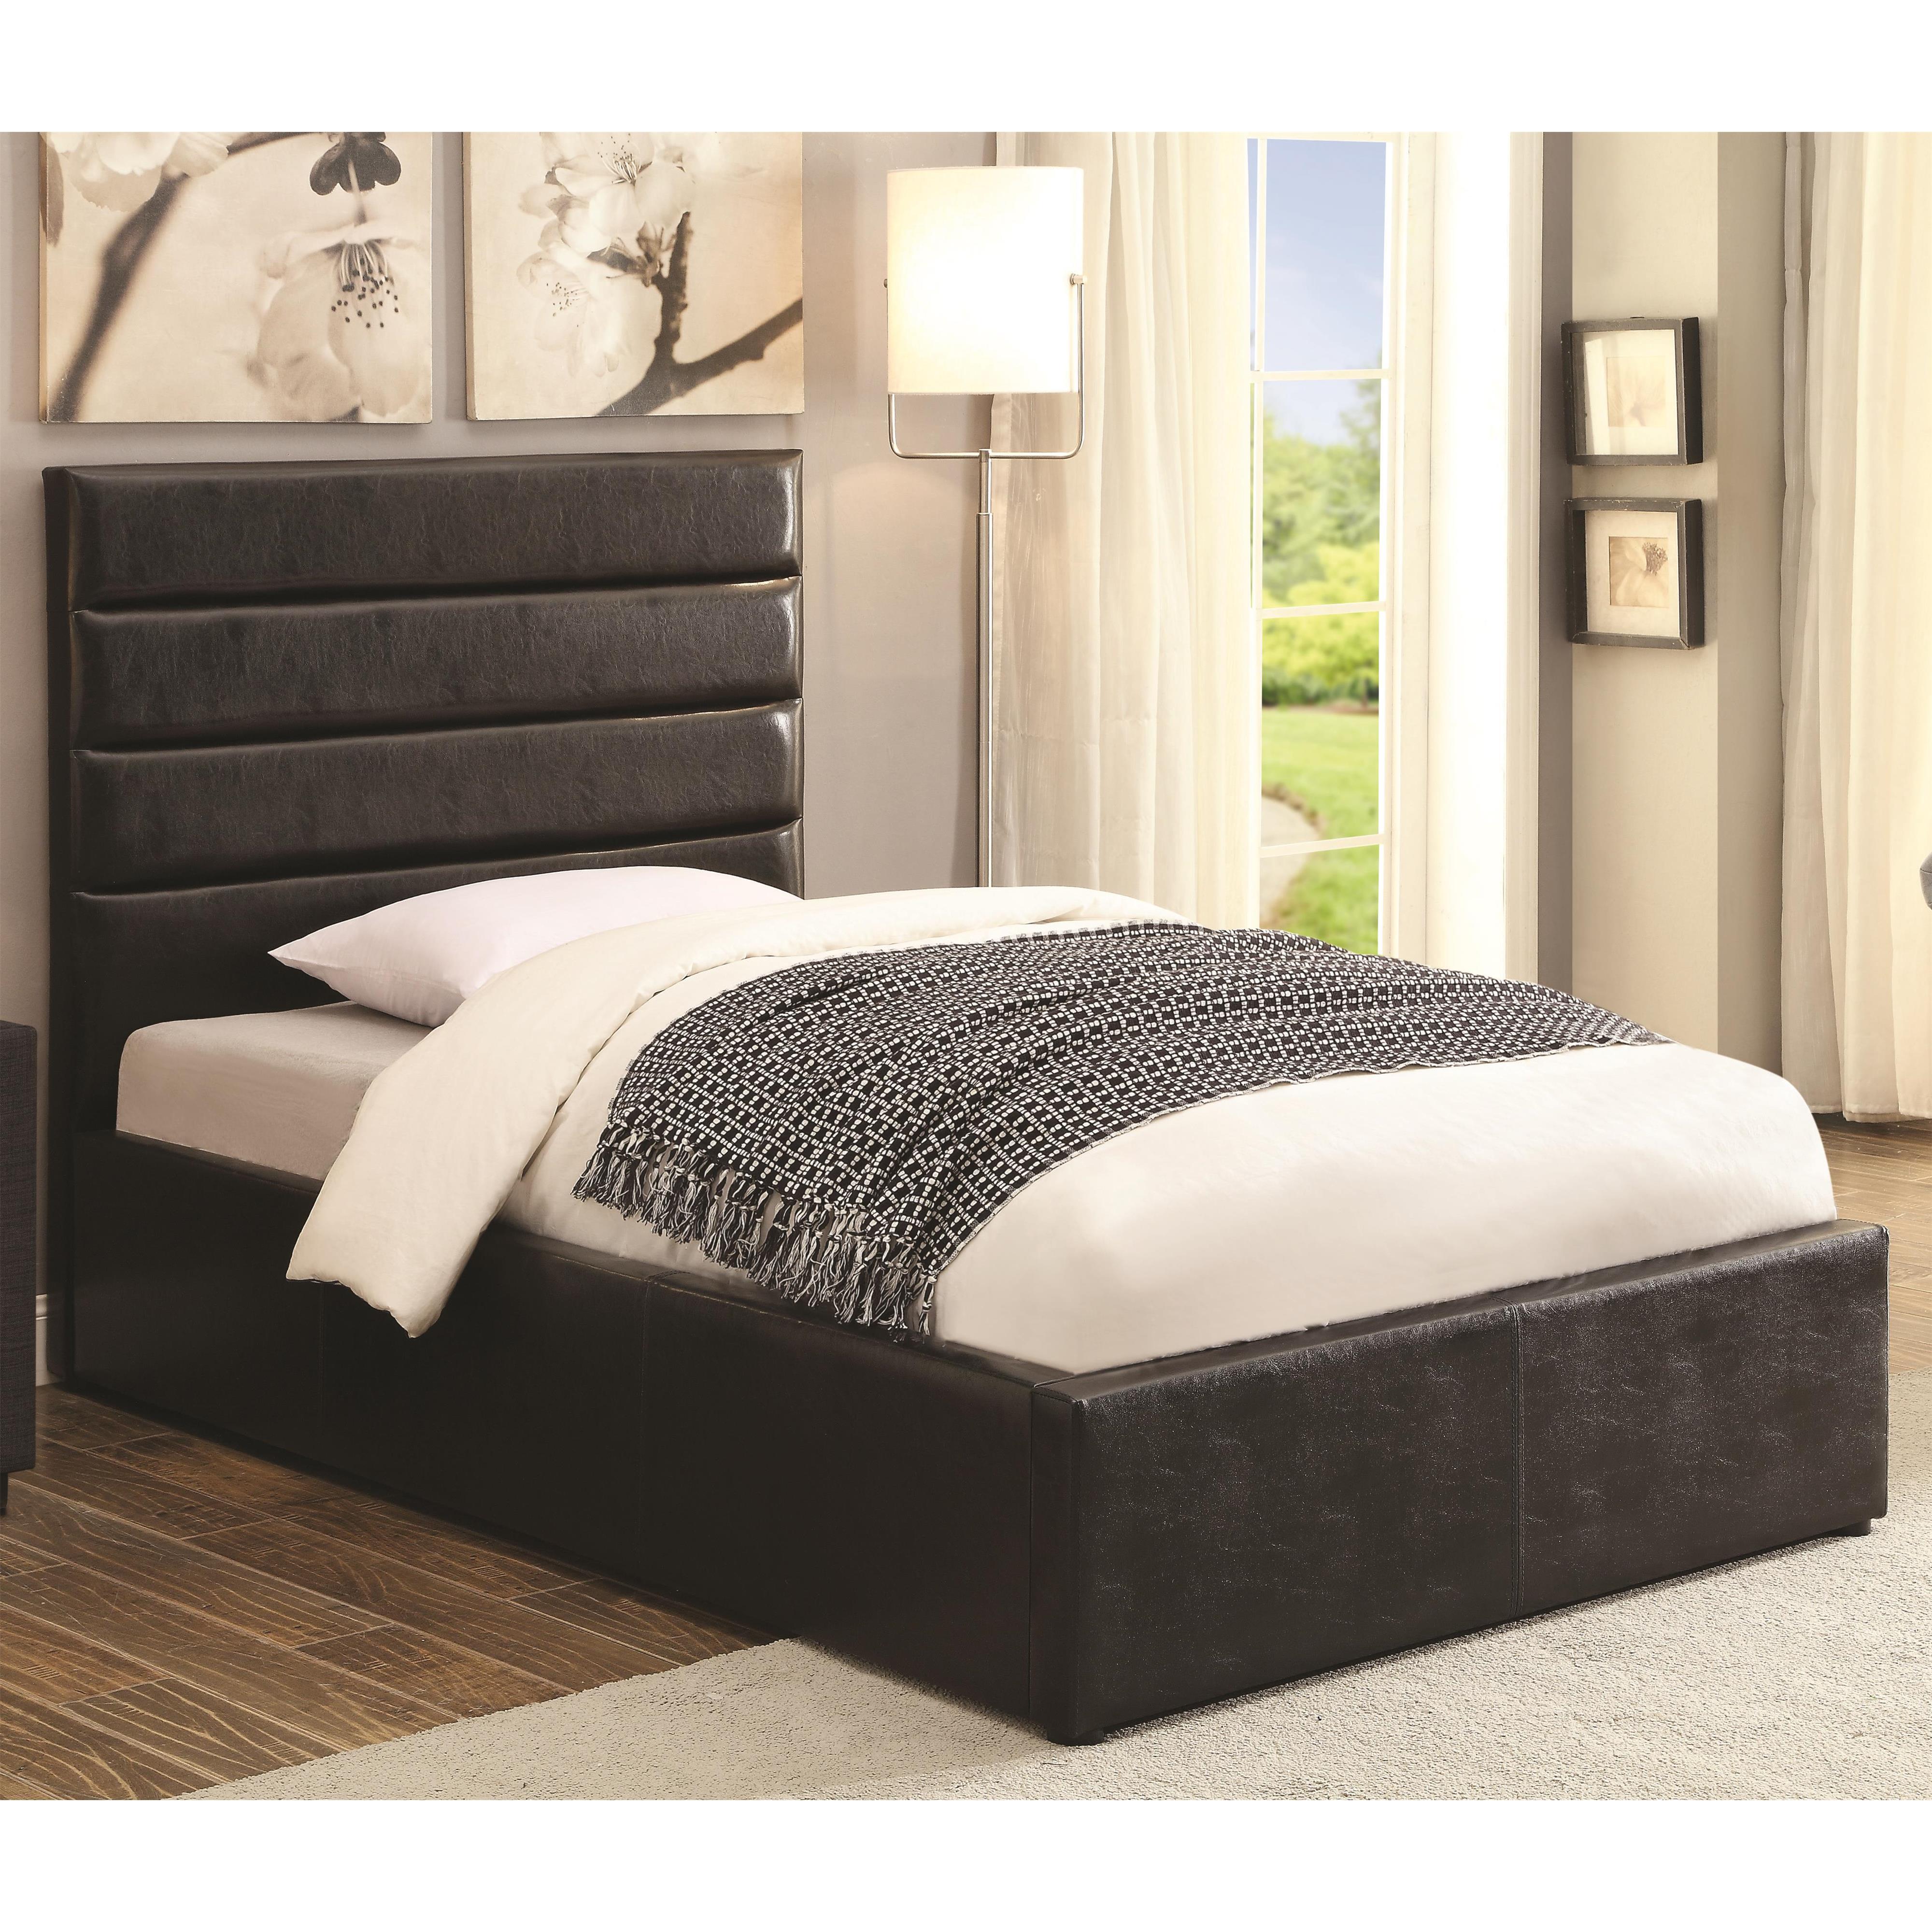 Coaster Riverbend Full Bed - Item Number: 300469F